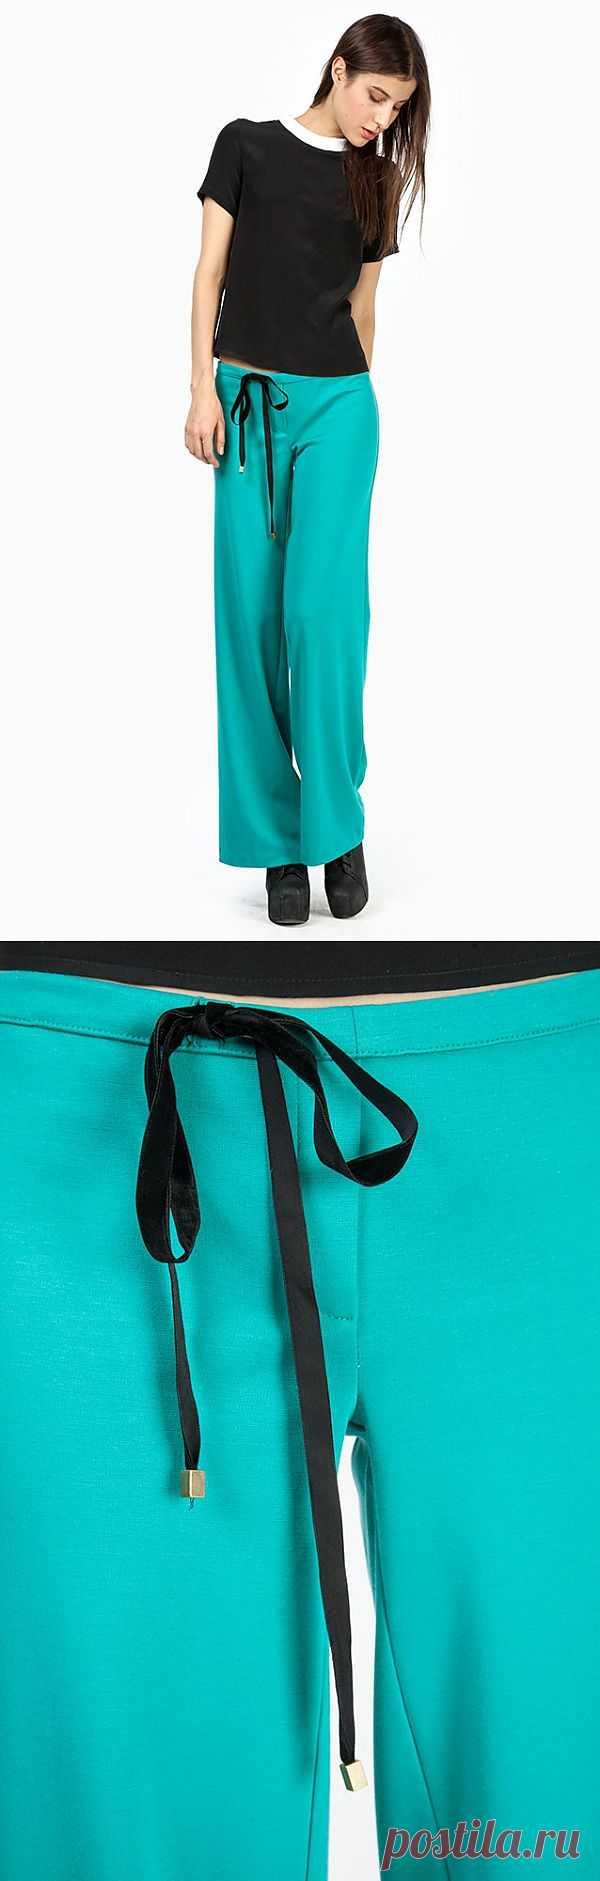 Брюки Libellulas / Детали / Модный сайт о стильной переделке одежды и интерьера